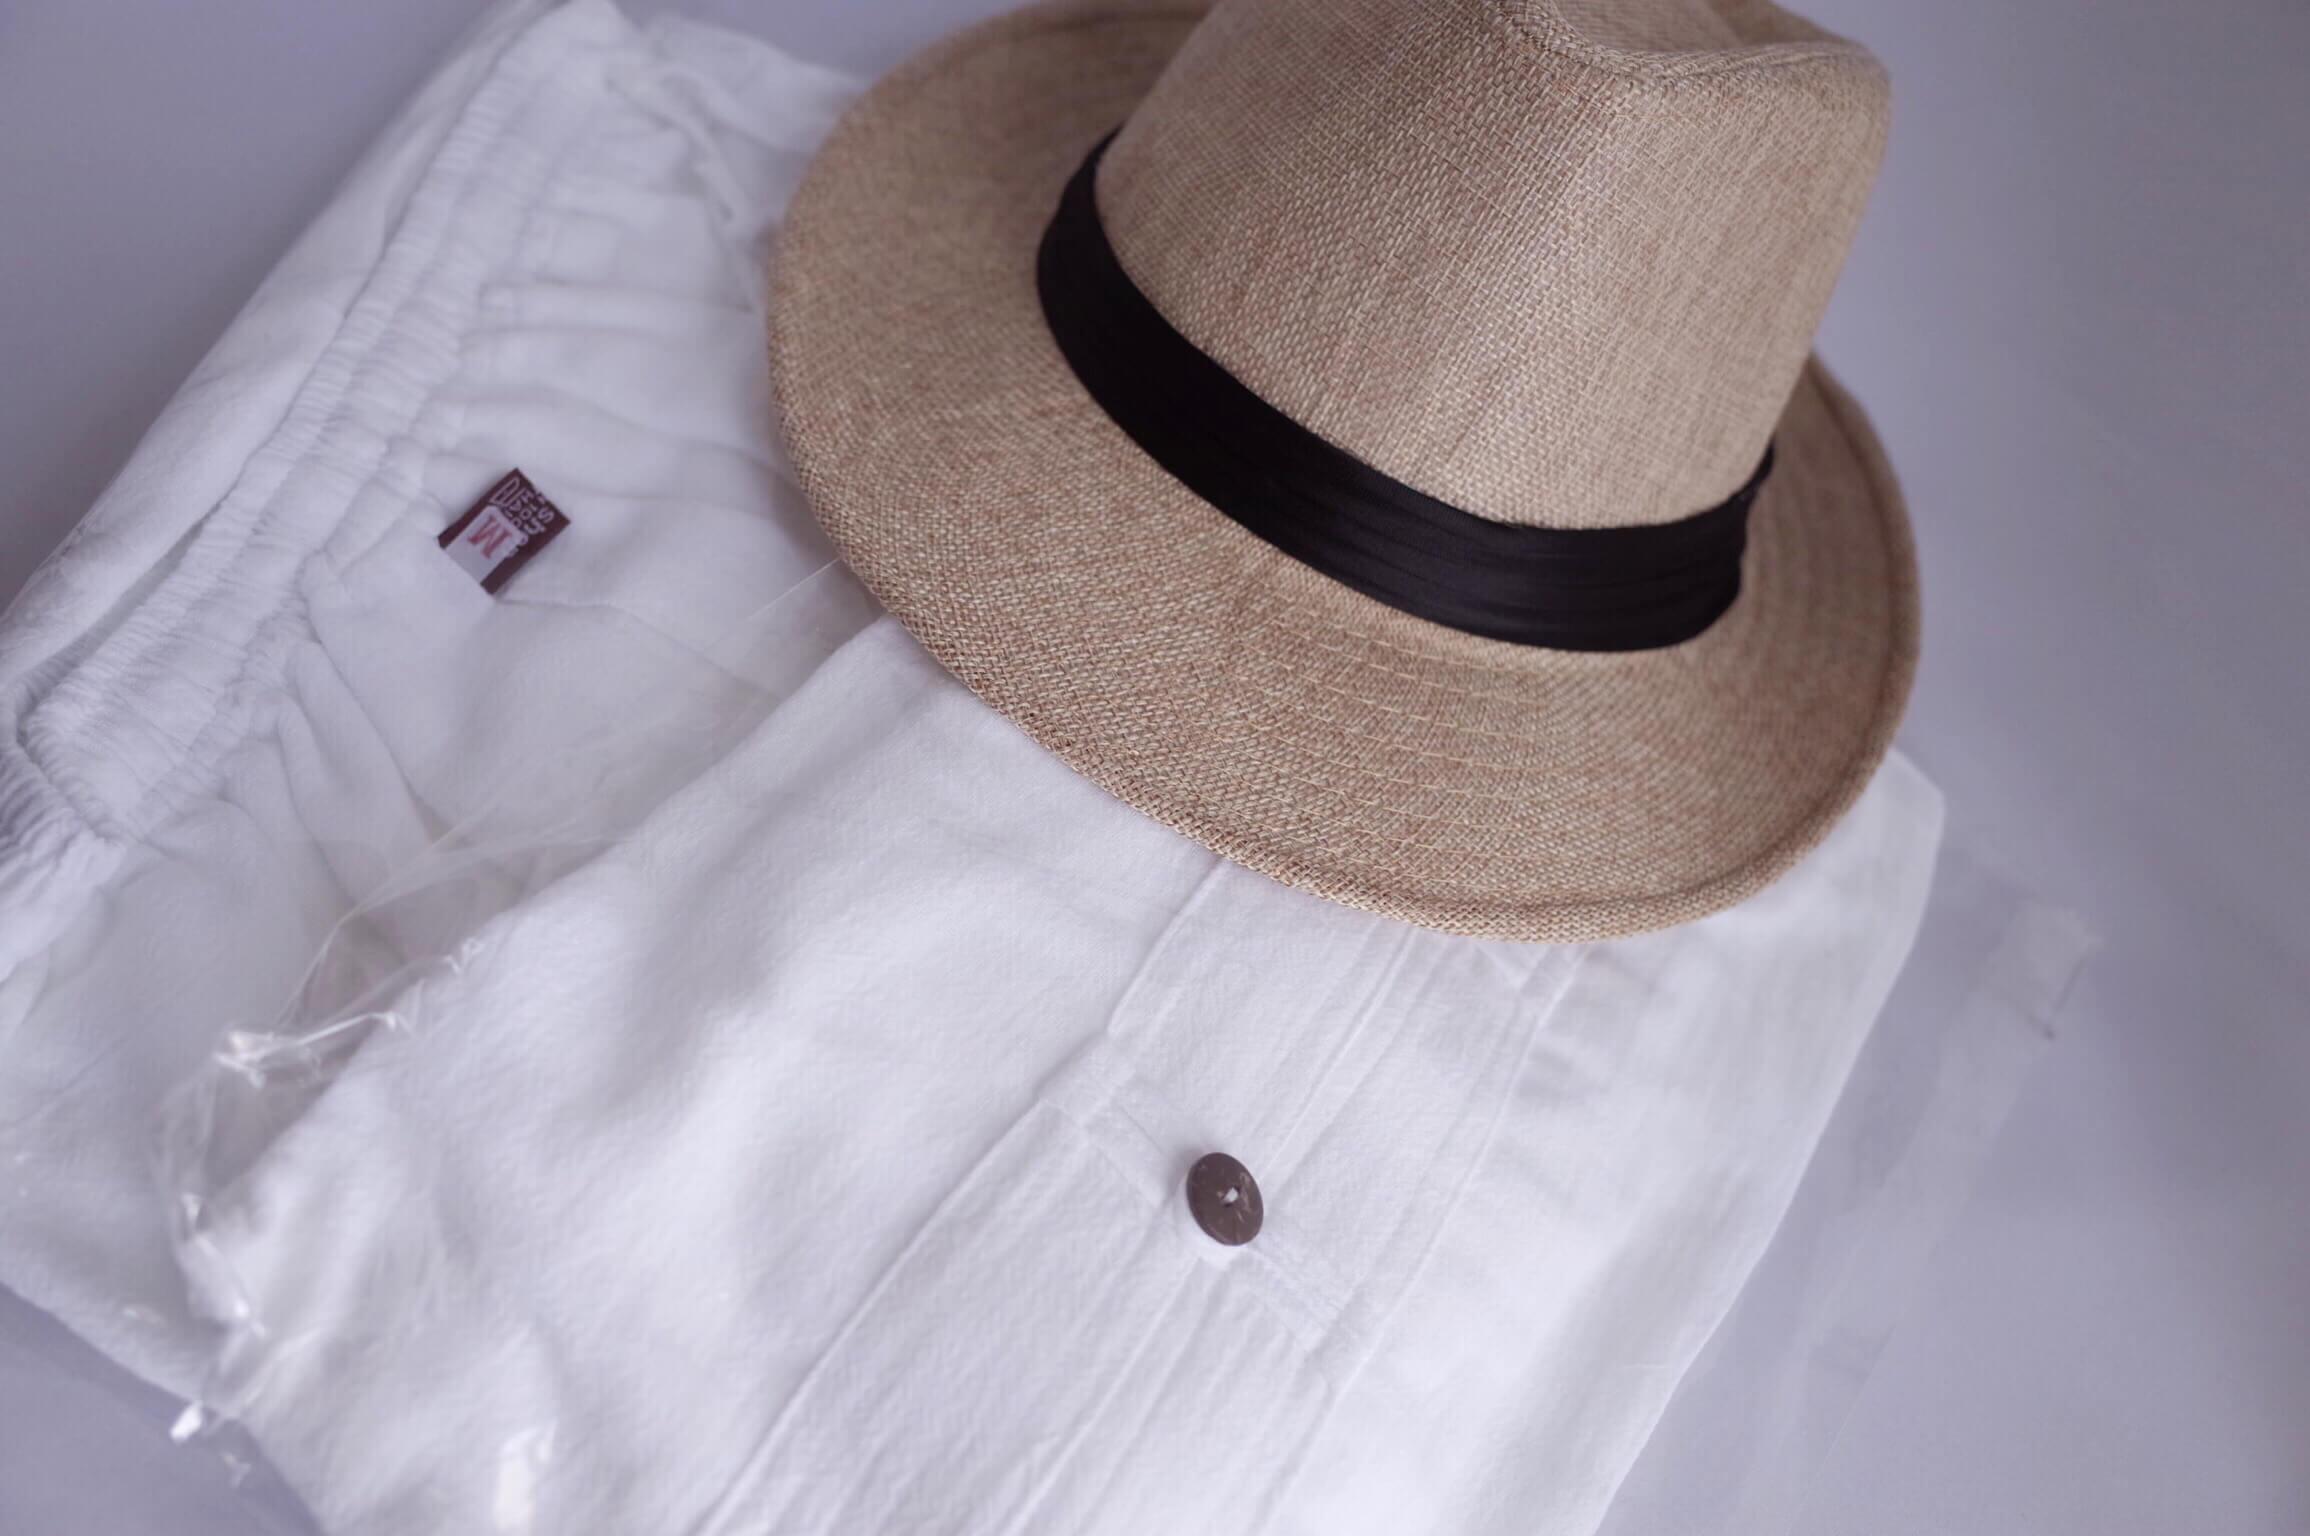 バンコク週末限定「チャトゥチャック・ウィークエンドマーケット」で買った帽子と部屋着がいい感じ